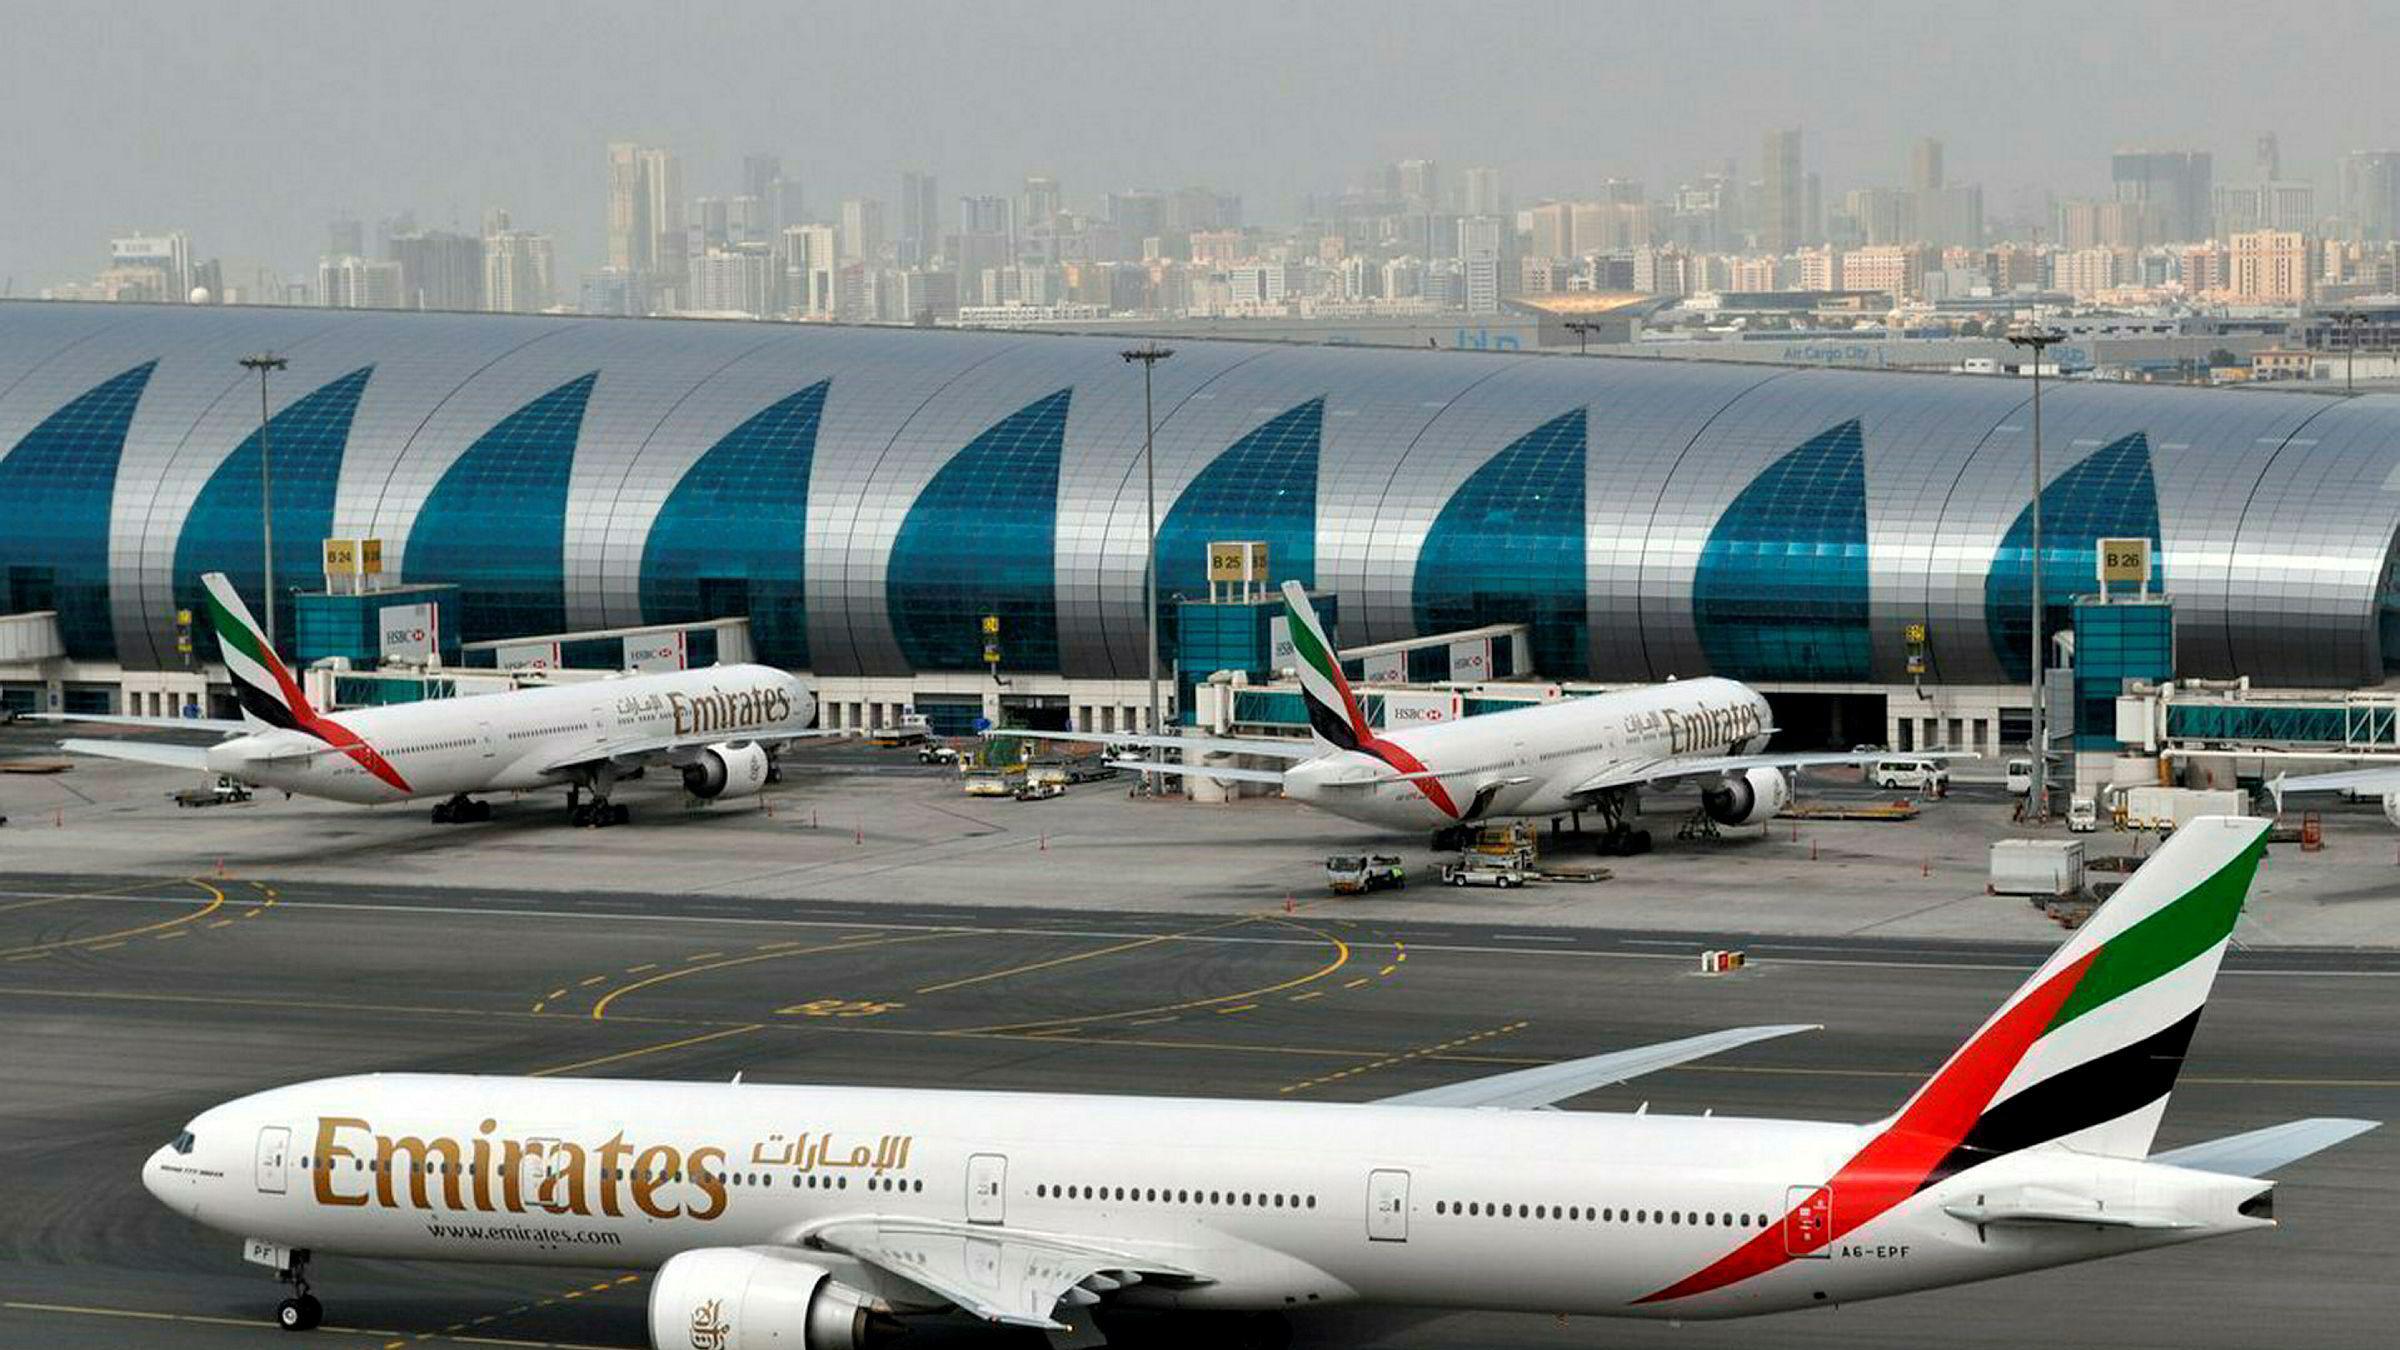 Emirates group vurderer å kutte 30.000 jobber. Bildet er tatt ved flyplassen i Dubai 2017.